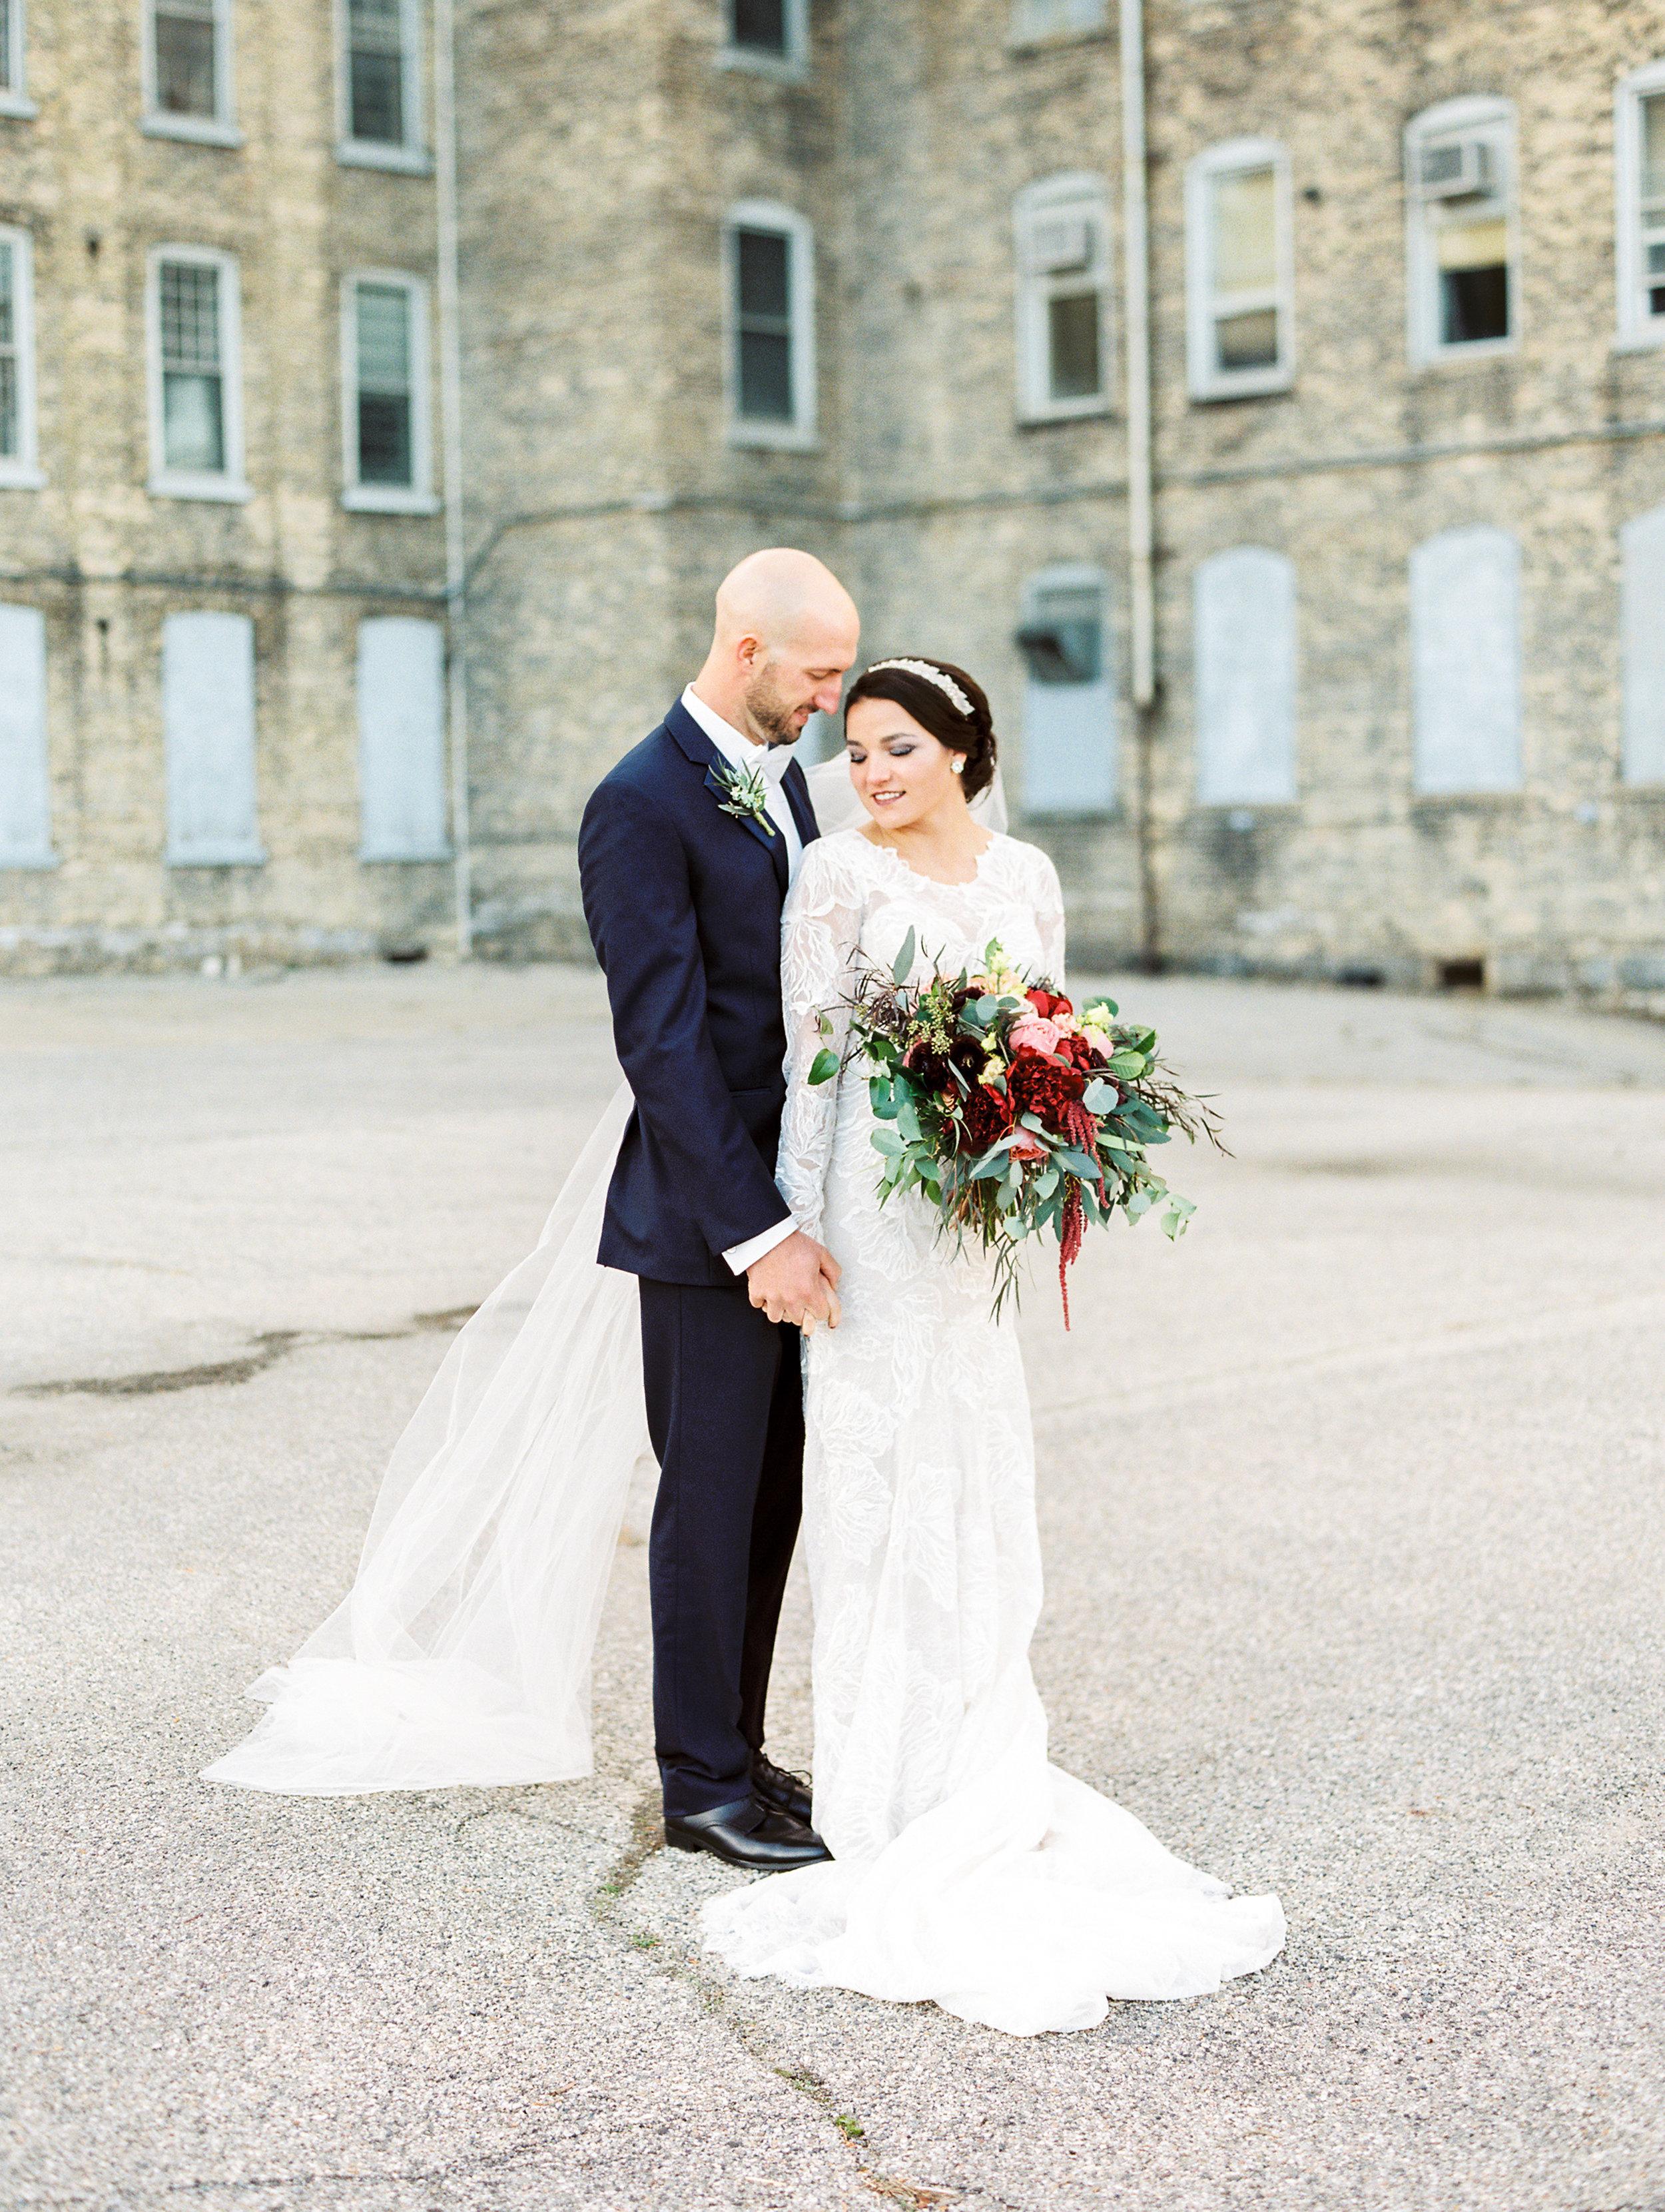 Vogelzang+Wedding+Bride+Groom-35.jpg